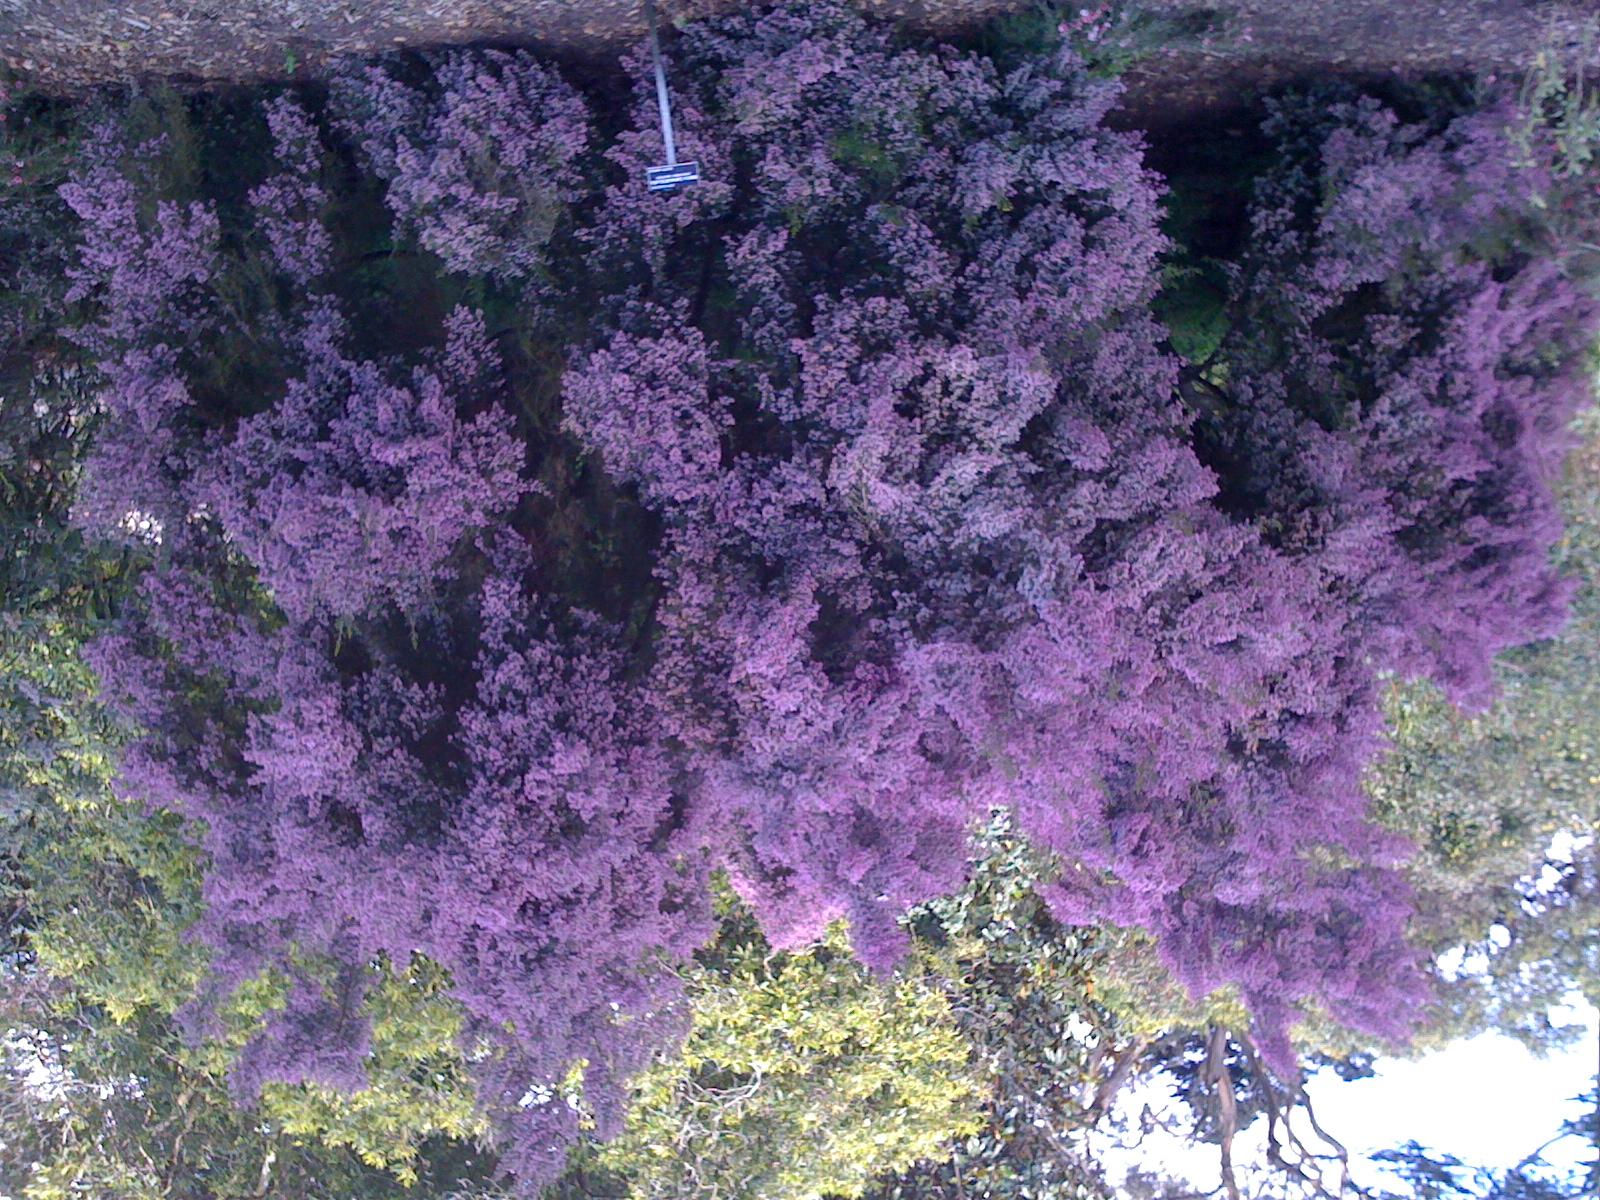 Low growing flowering shrubs bed mattress sale for Low growing flowering shrubs